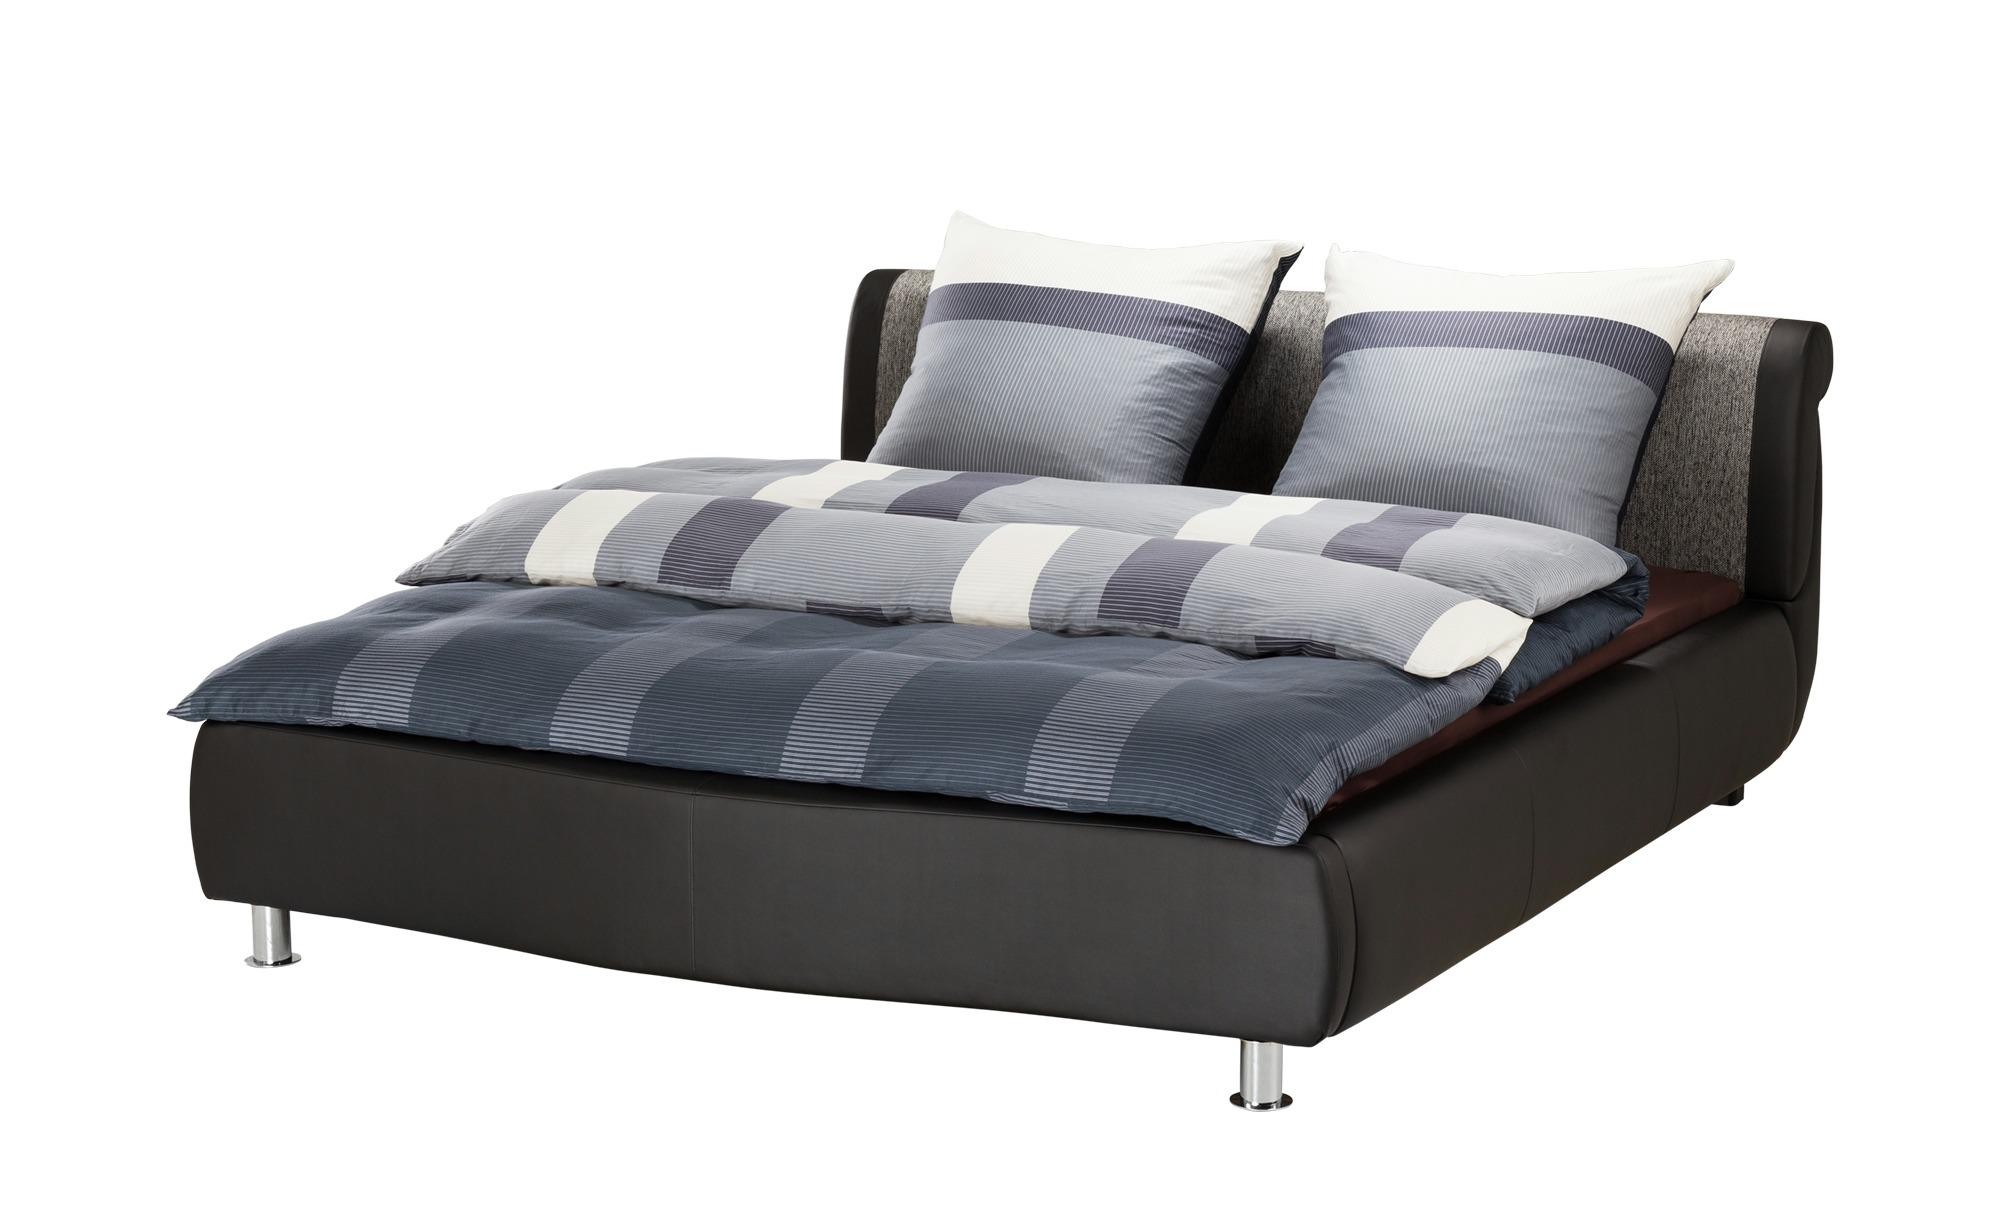 Polsterbettgestell 140x200 - schwarz/grau Masia ¦ schwarz ¦ Maße (cm): B: 163 Betten > Polsterbetten - Höffner